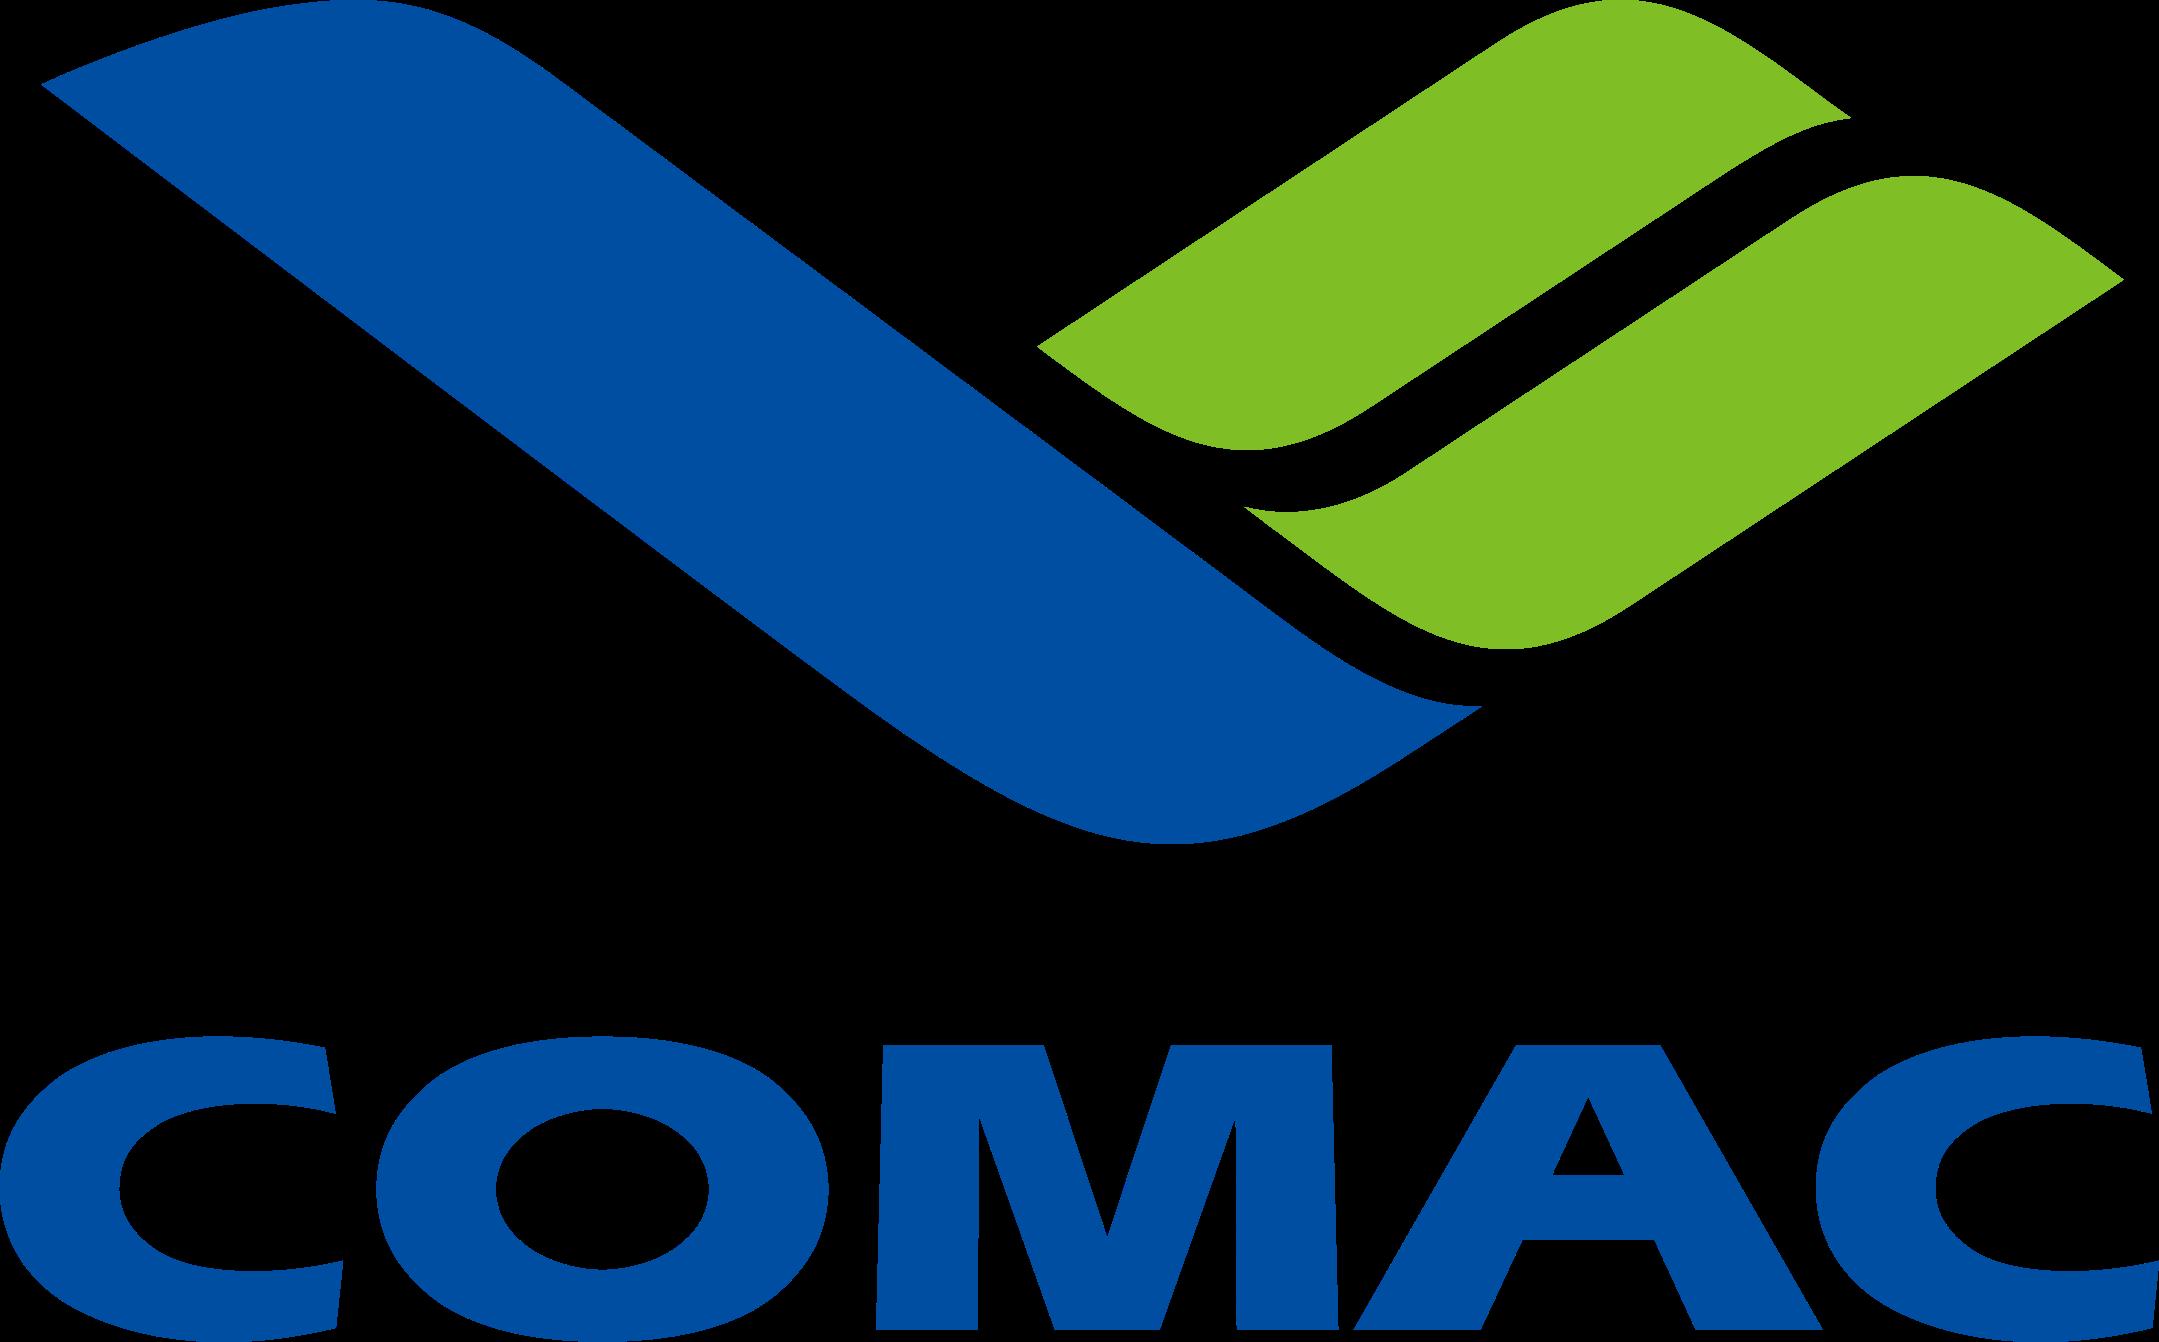 comac logo 1 - COMAC Logo